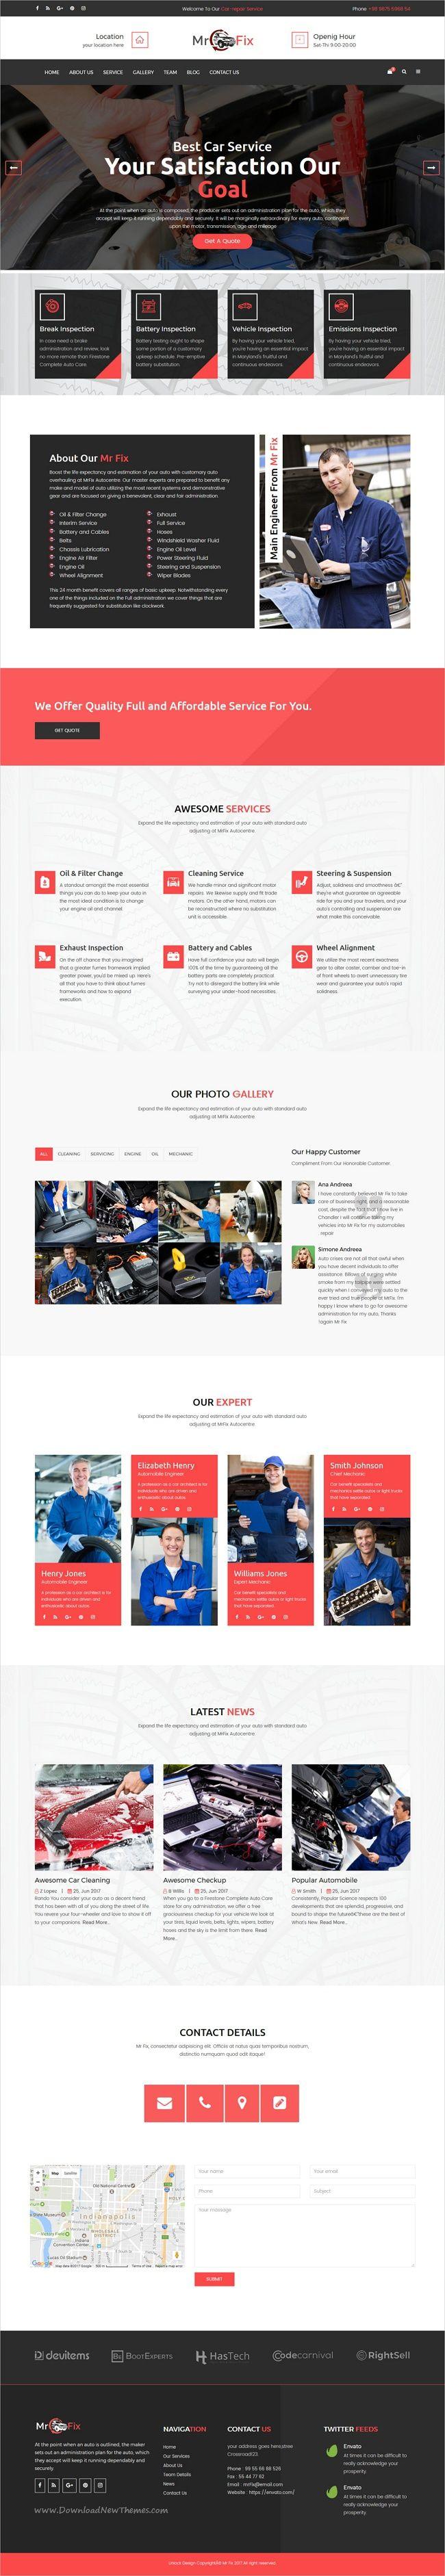 Mr fix car repair service html5 template